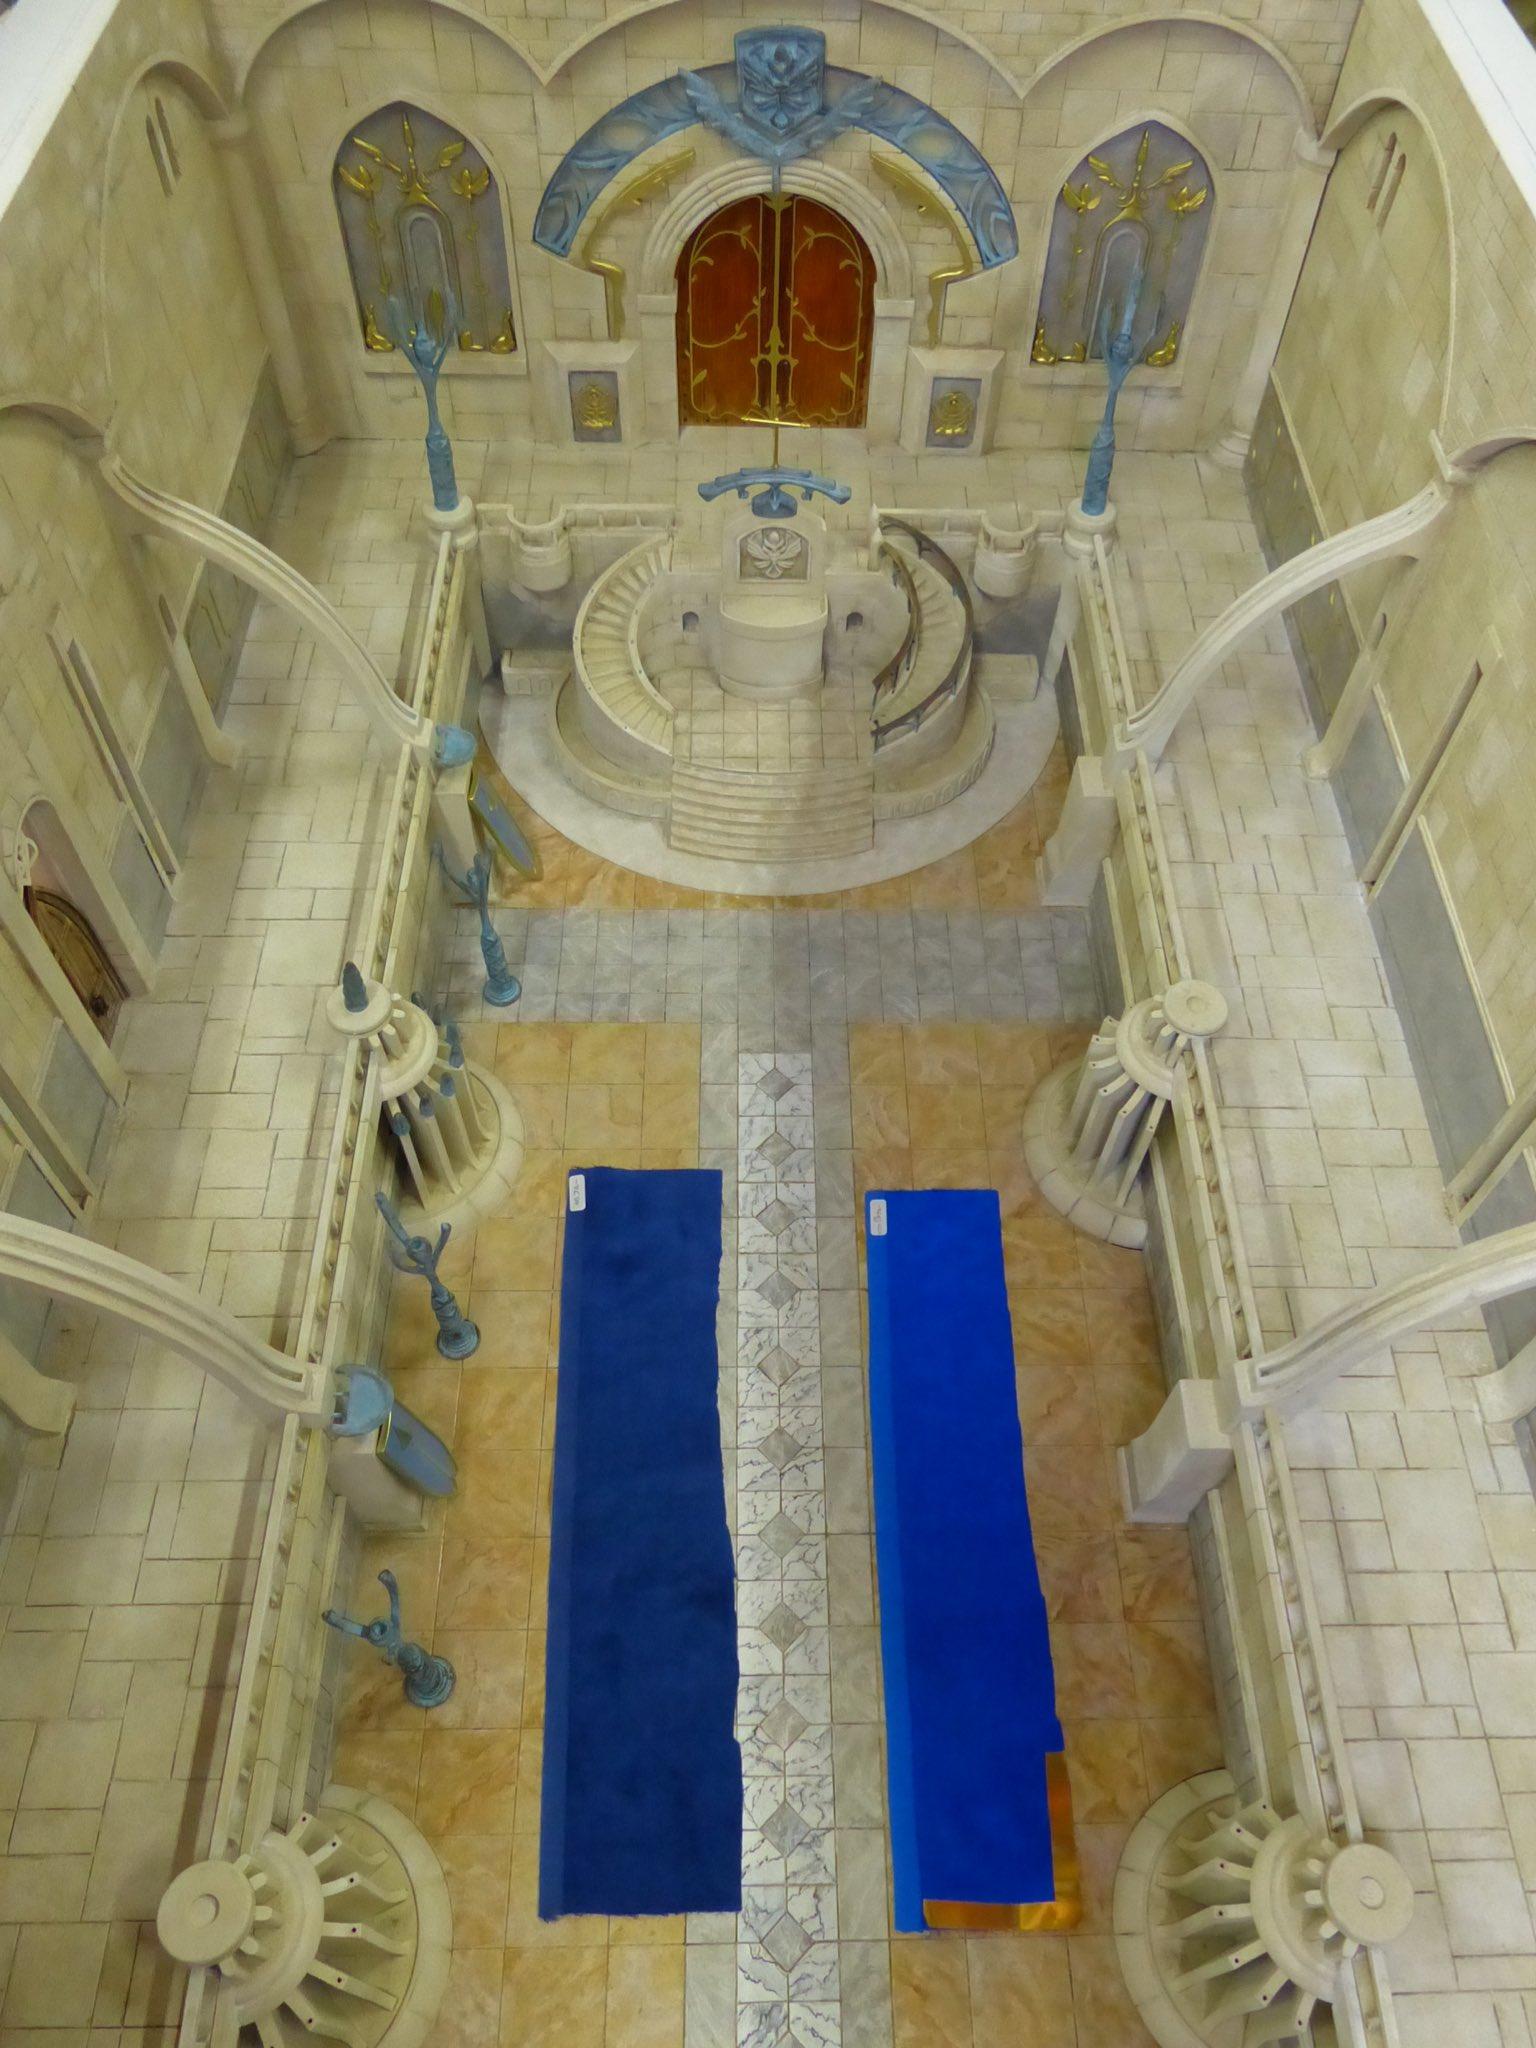 坂口博信公开新游《Fantasian》最新开发图 城市大厅亮相